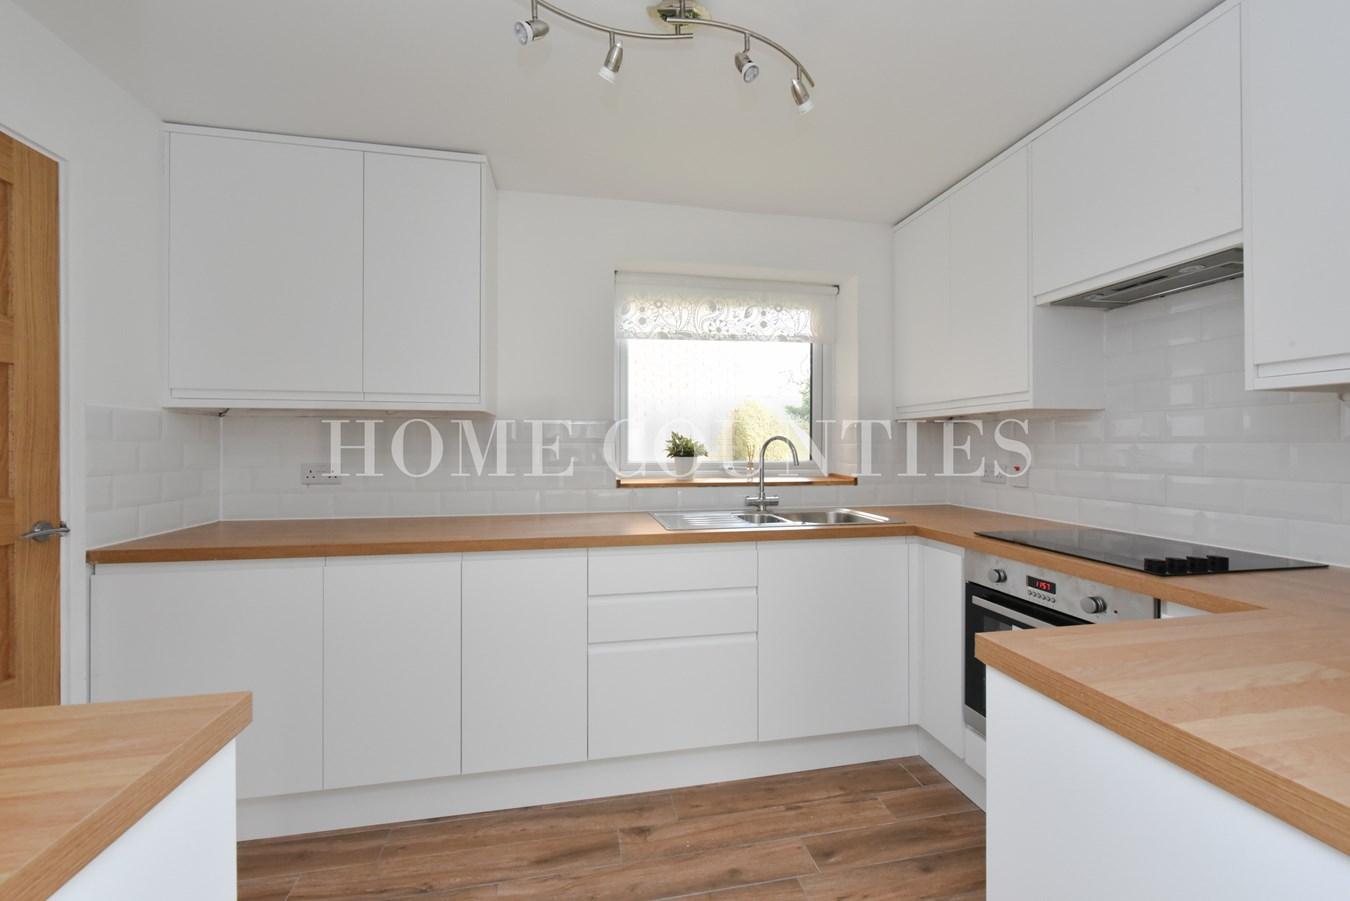 2 bedroom flat for sale in Hawkshead Road, Potters Bar EN6, London